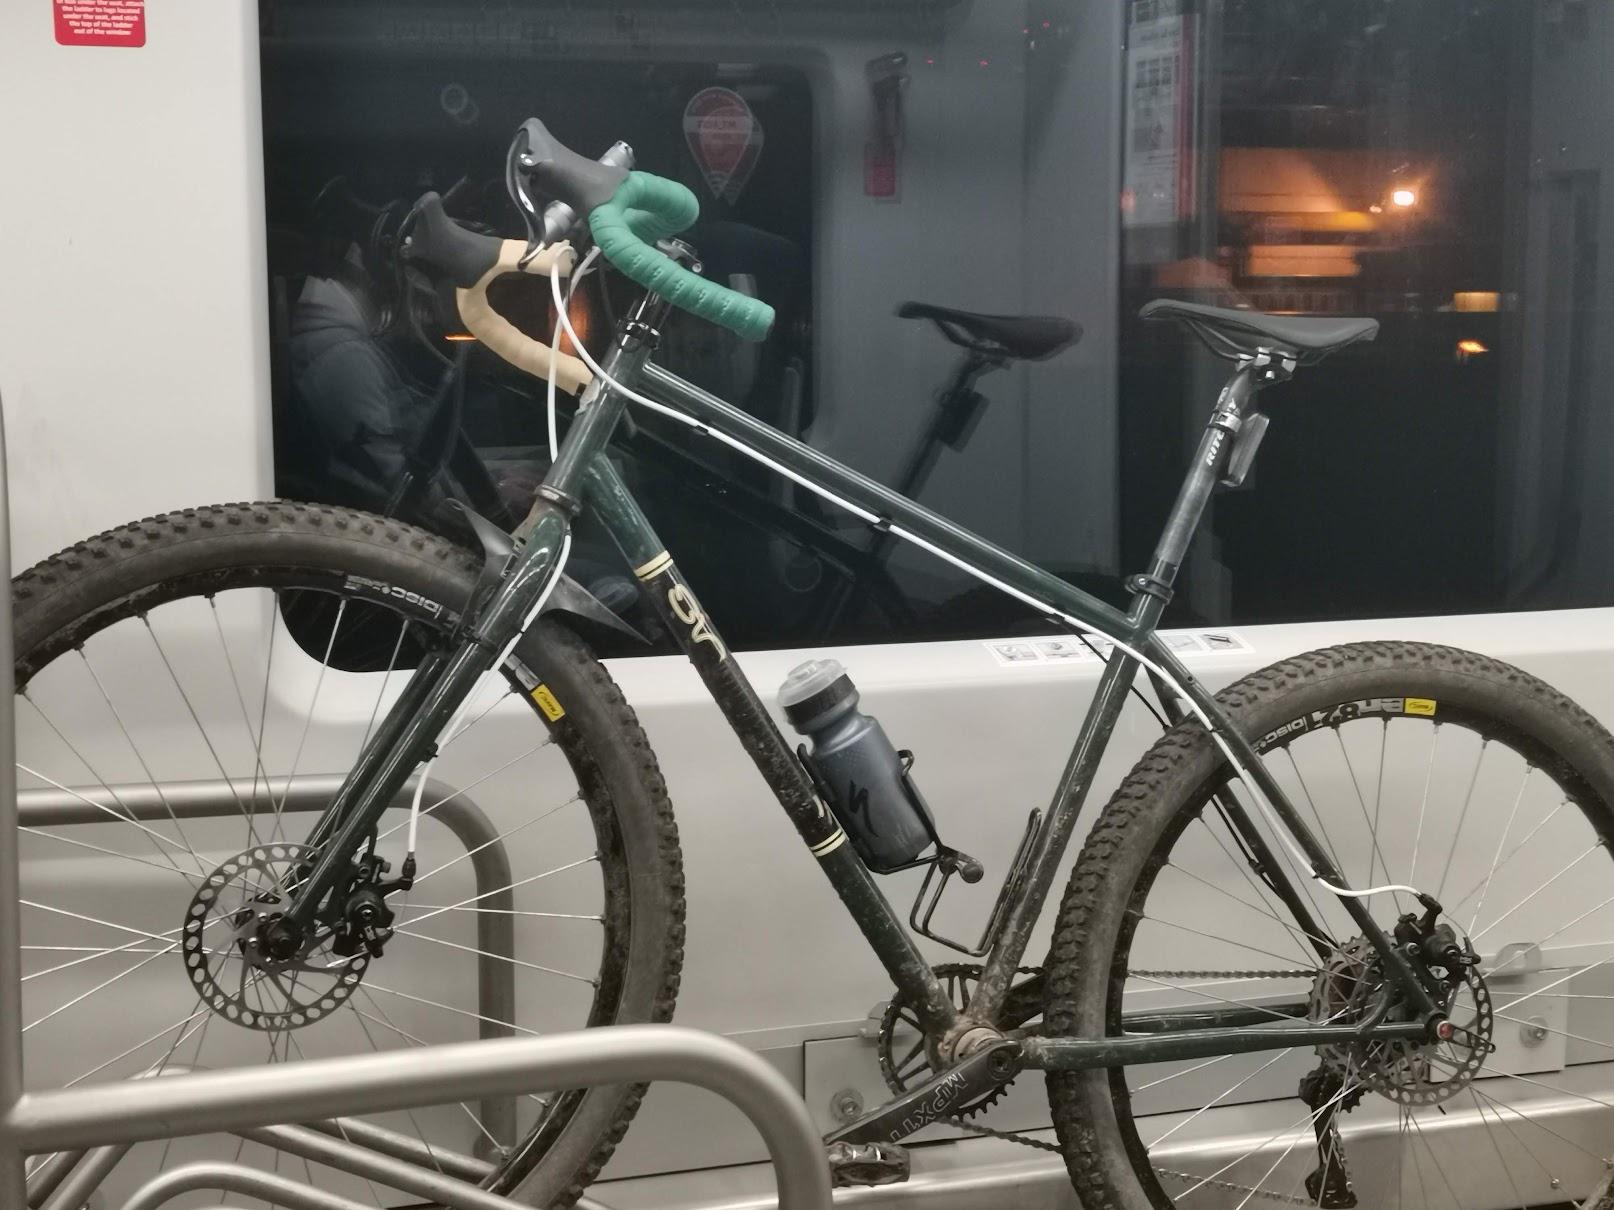 Singular Gryphon в поезде МЦК.